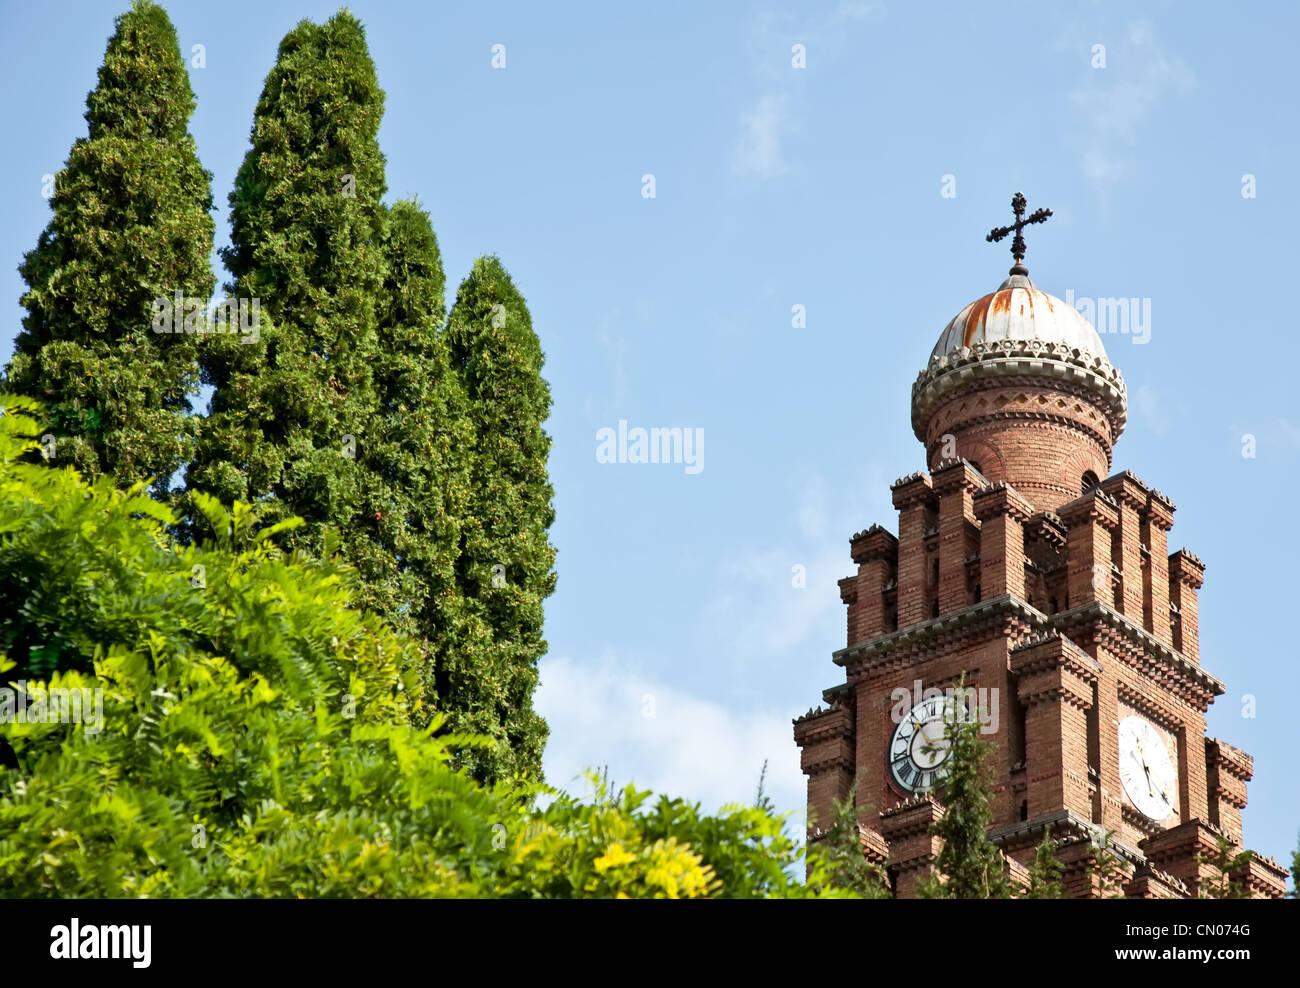 Chernovtsy University tower in summer in Ukraine - Stock Image